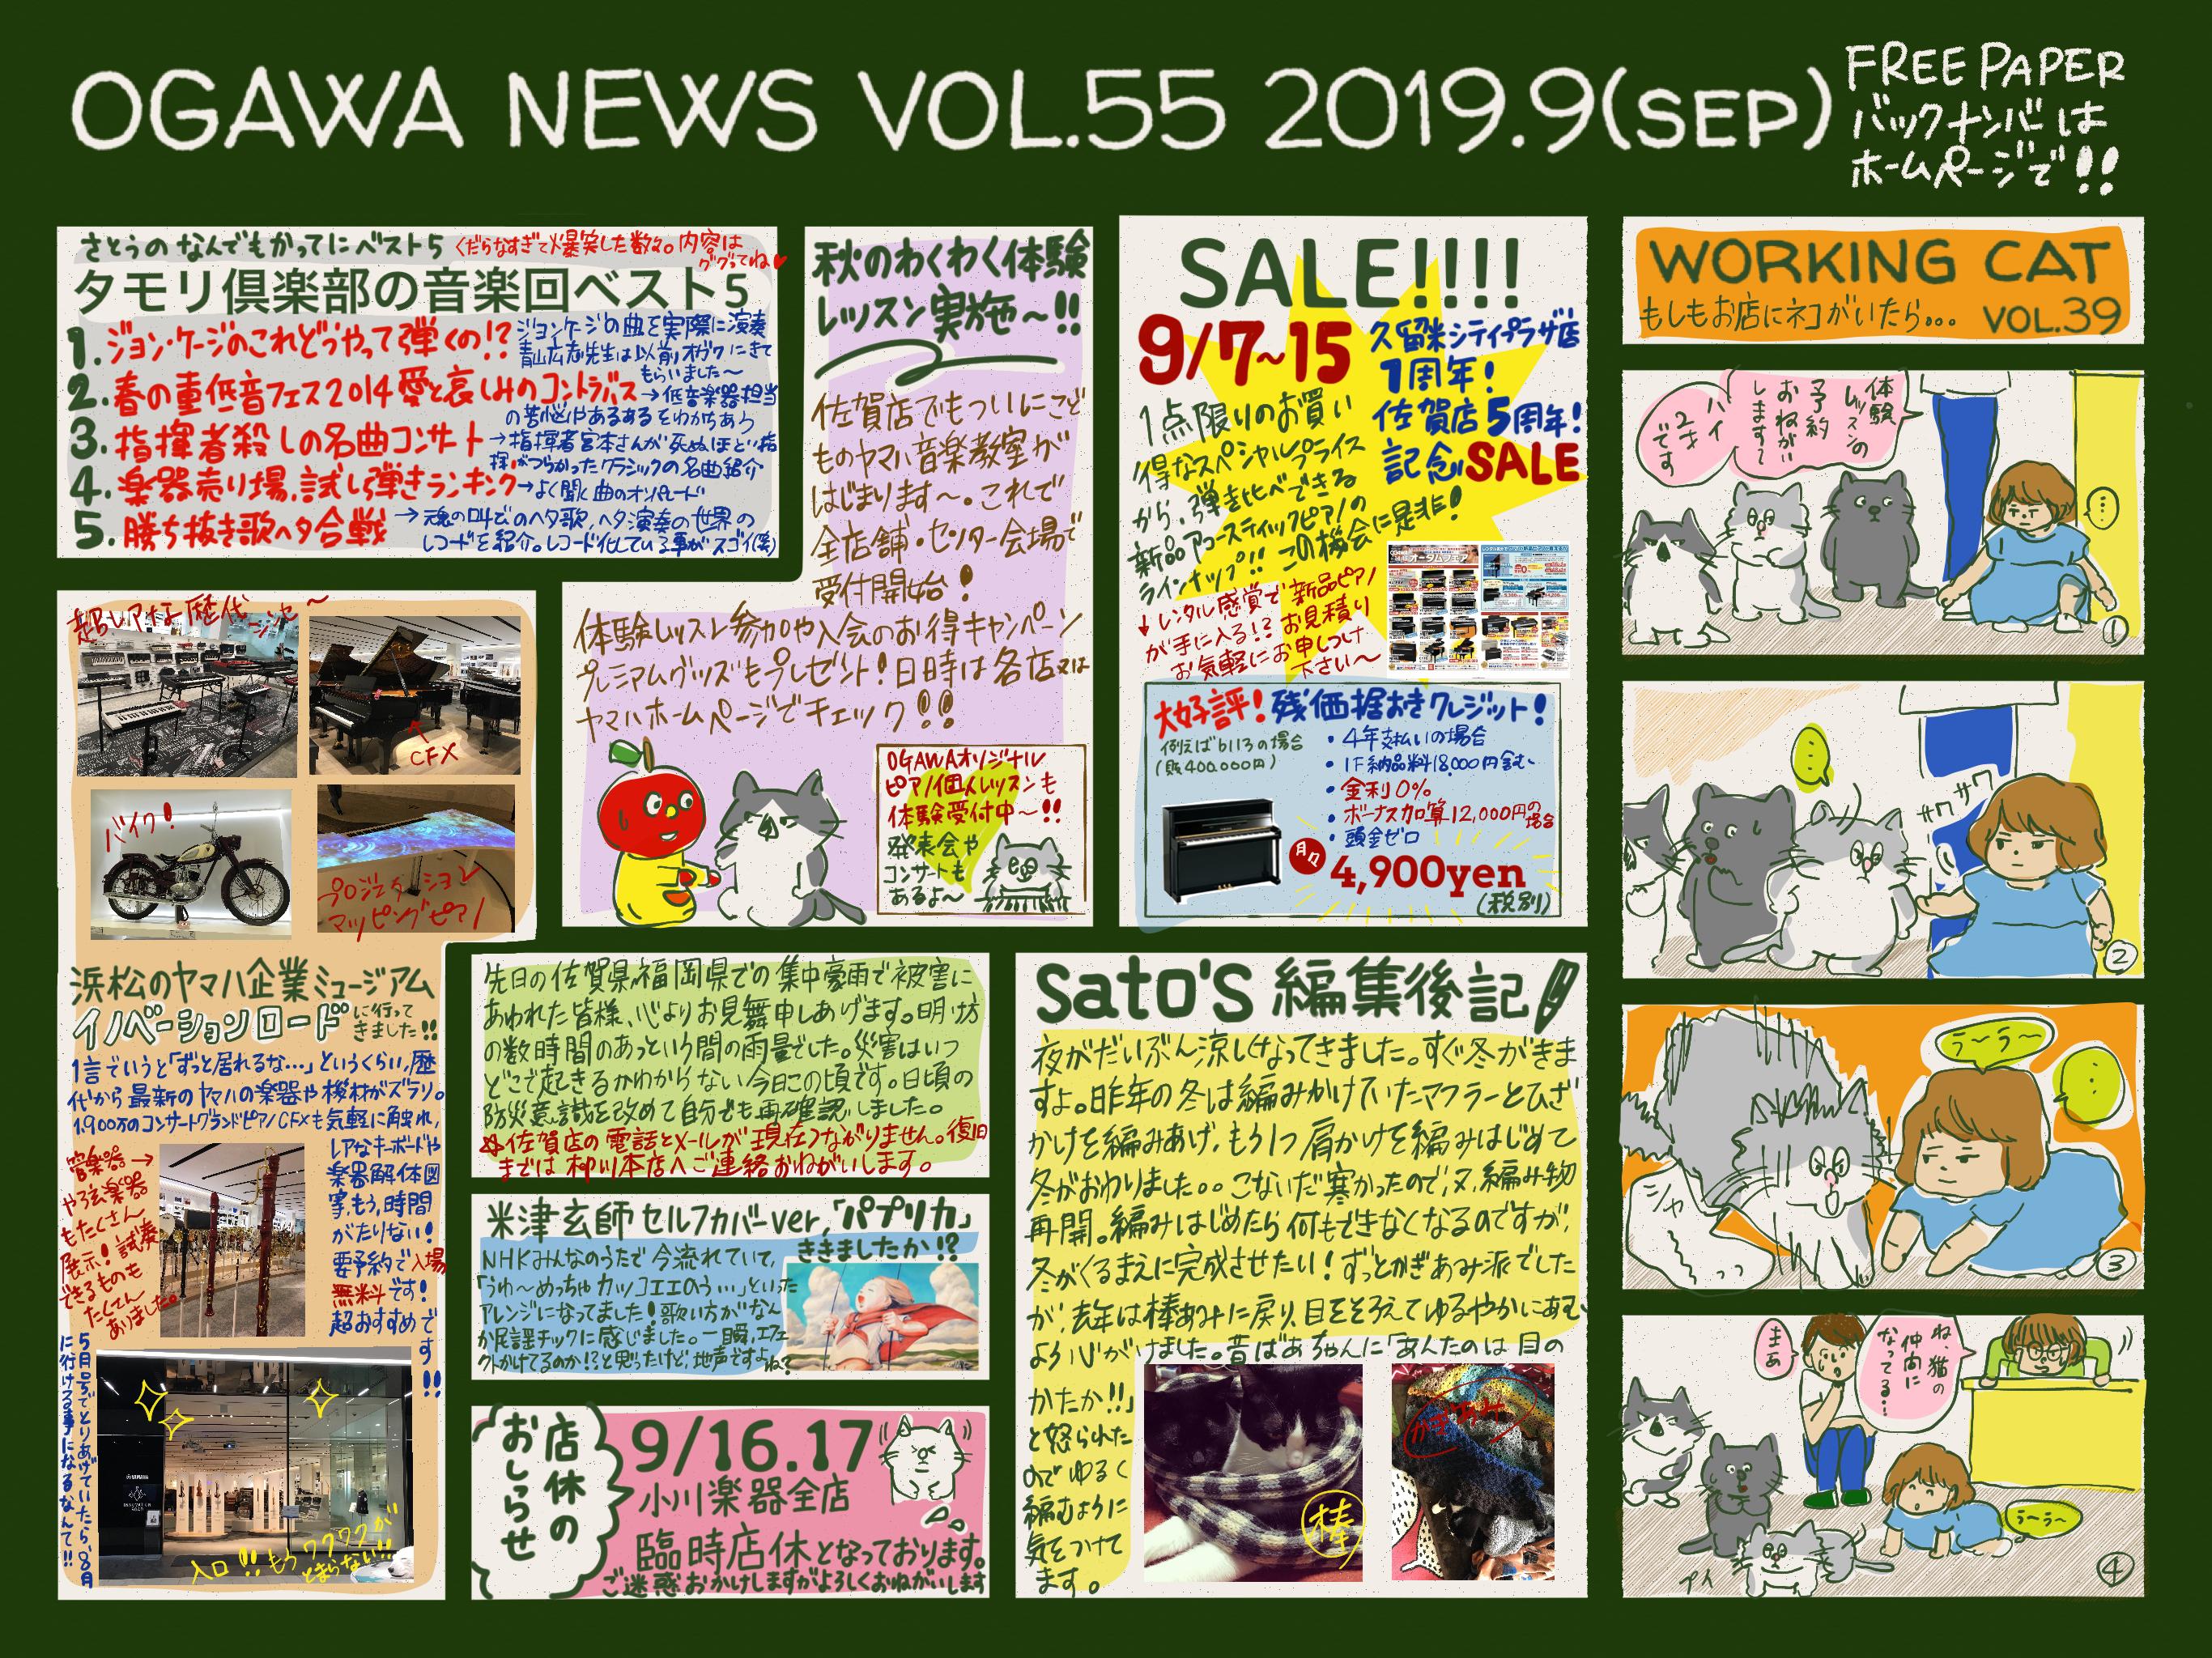 【柳川・佐賀店フリーペーパー】vol.55 2019年9月号